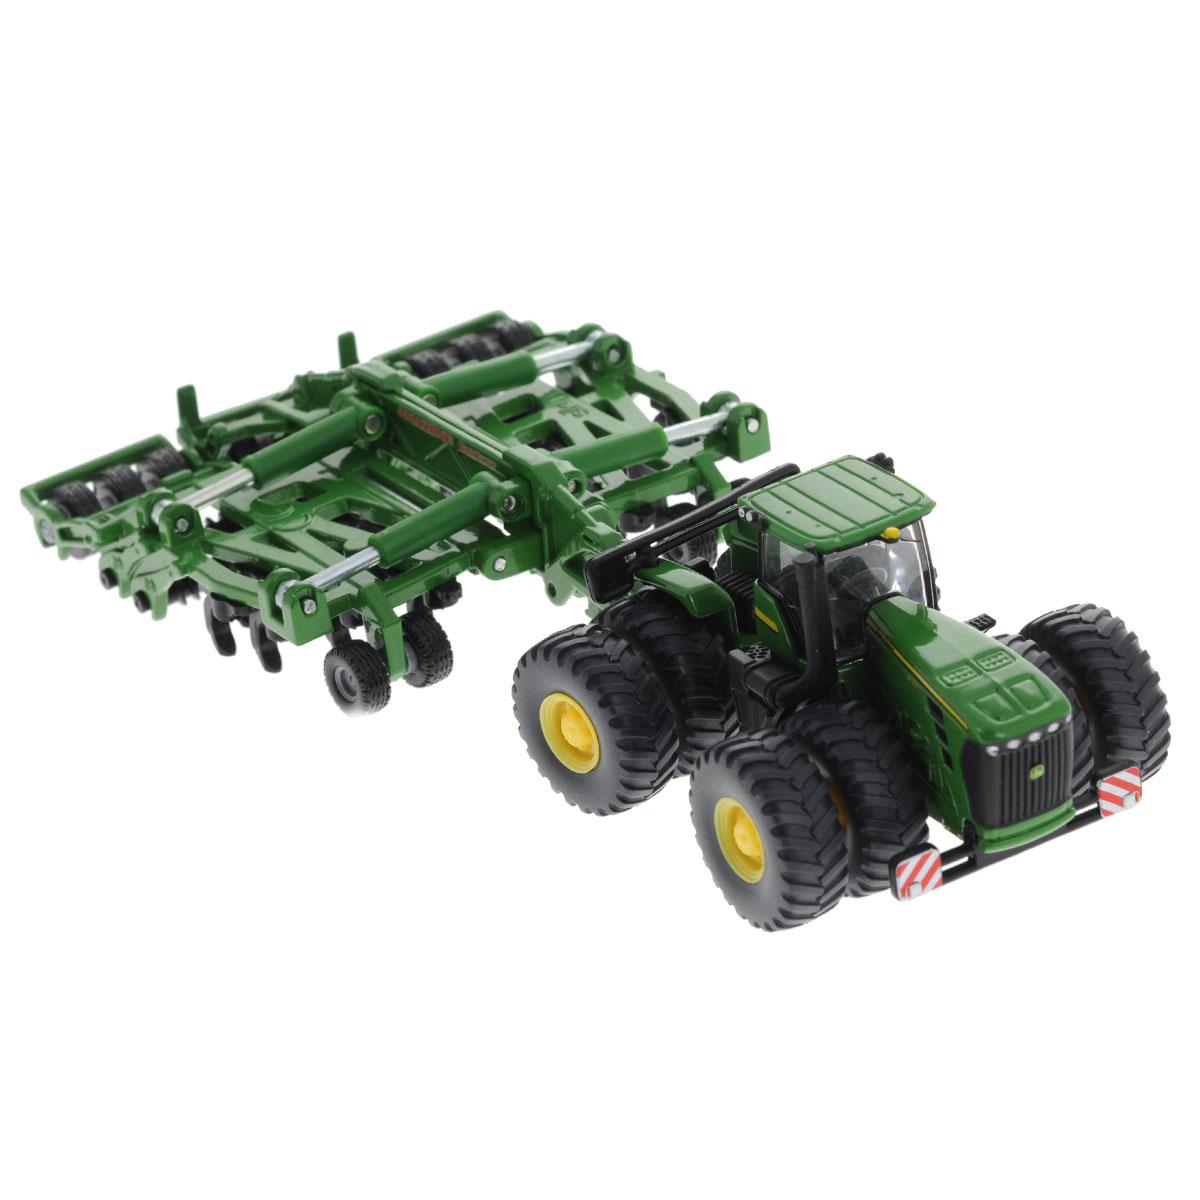 Siku Трактор John Deere 9630 c прицепом-культиватором Amazone Centaur1856Коллекционная модель Siku Трактор c прицепом-культиватором выполнена в виде точной копии трактора c прицепом-культиватором в масштабе 1/87. Такая модель понравится не только ребенку, но и взрослому коллекционеру и приятно удивит вас высочайшим качеством исполнения. Корпус трактора и культиватора выполнен из металла, кабина водителя и стекла в ней - из пластика, колеса прорезинены. Культиватор может по краям складываться. Колесики модели вращаются. Коллекционная модель отличается великолепным качеством исполнения и детальной проработкой, она станет не только интересной игрушкой для ребенка, интересующегося агротехникой, но и займет достойное место в любой коллекции.